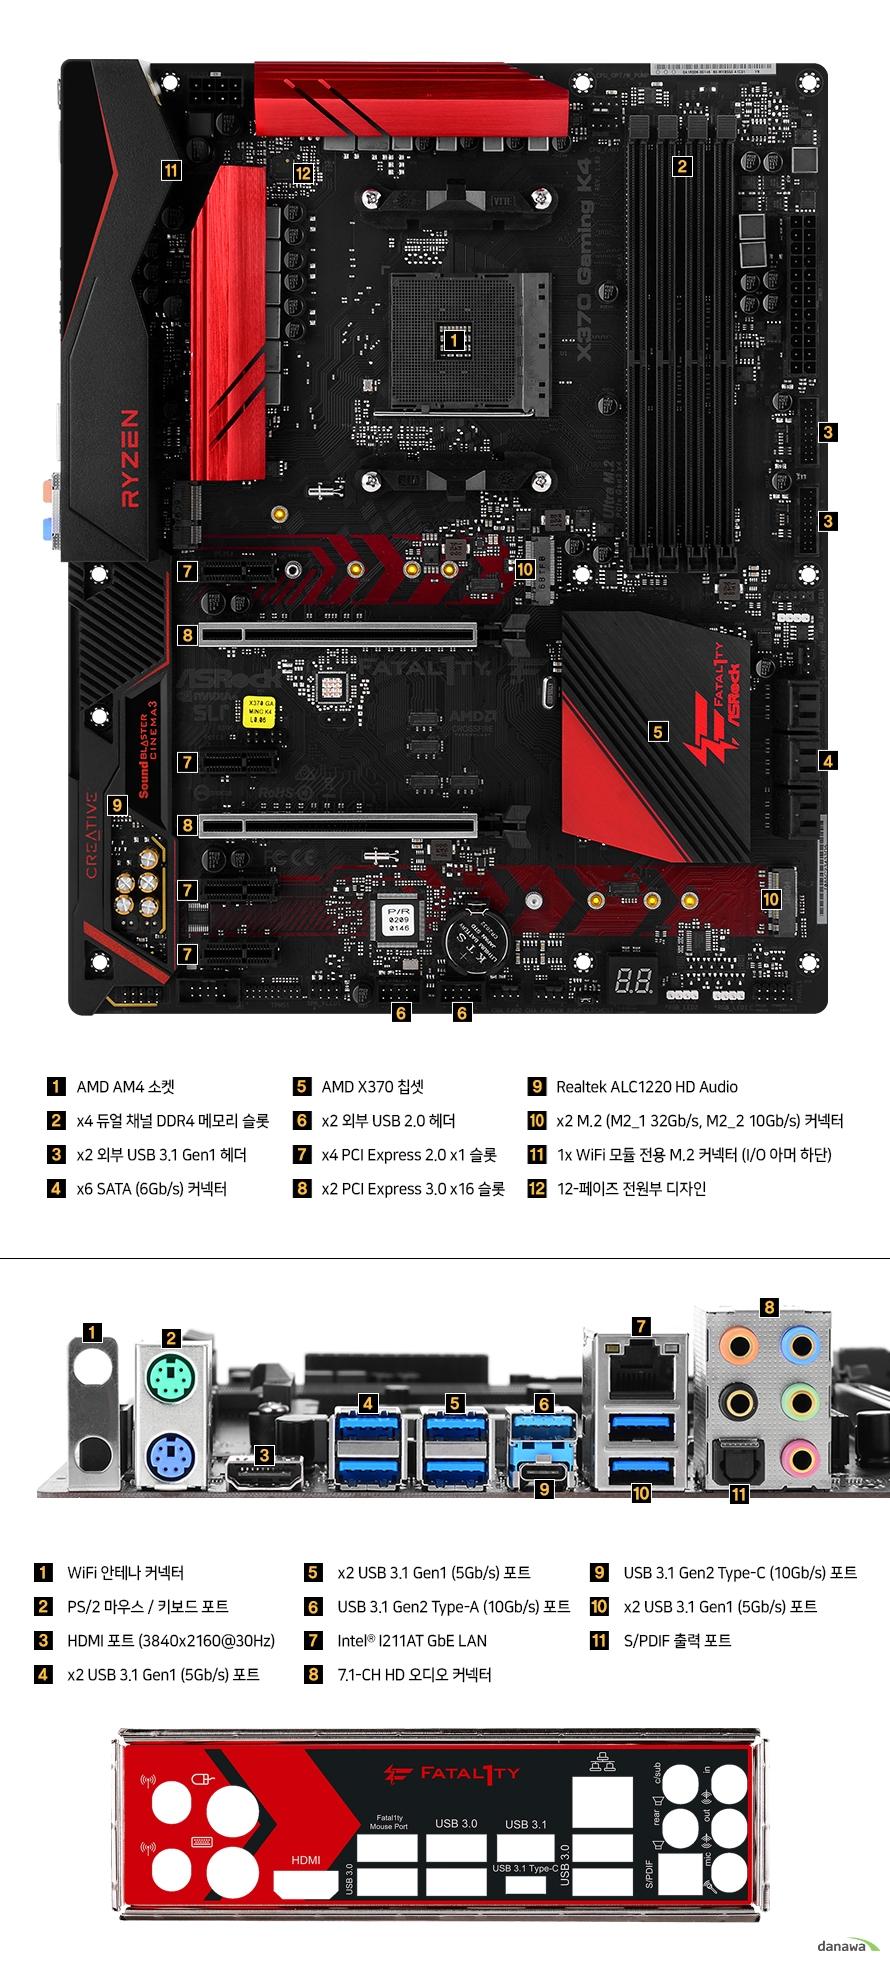 프론트 뷰AMD AM4 소켓x4 듀얼 채널 DDR4 메모리 슬롯x2 외부 USB 3.1 Gen1 헤더x6 SATA (6Gb/s) 커넥터AMD X370 칩셋x2 외부 USB 2.0 헤더x2 PCI Express 3.0 x16 슬롯x4 PCI Express 2.0 x1 슬롯Realtek ALC1220 HD Audiox2 M.2 (M2_1 32Gb/s, M2_2 10Gb/s) 커넥터1x WiFi 모듈 전용 M.2 커넥터 (I/O 아머 하단)12-페이즈 전원부 디자인백패널 포트WiFi 안테나 커넥터PS/2 마우스 / 키보드 포트HDMI 포트 (3840x2160@30Hz)x2 USB 3.1 Gen1 (5Gb/s) 포트x2 USB 3.1 Gen1 (5Gb/s) 포트USB 3.1 Gen2 Type-A (10Gb/s) 포트Intel® I211AT GbE LAN7.1-CH HD 오디오 커넥터USB 3.1 Gen2 Type-C (10Gb/s) 포트x2 USB 3.1 Gen1 (5Gb/s) 포트S/PDIF 출력 포트